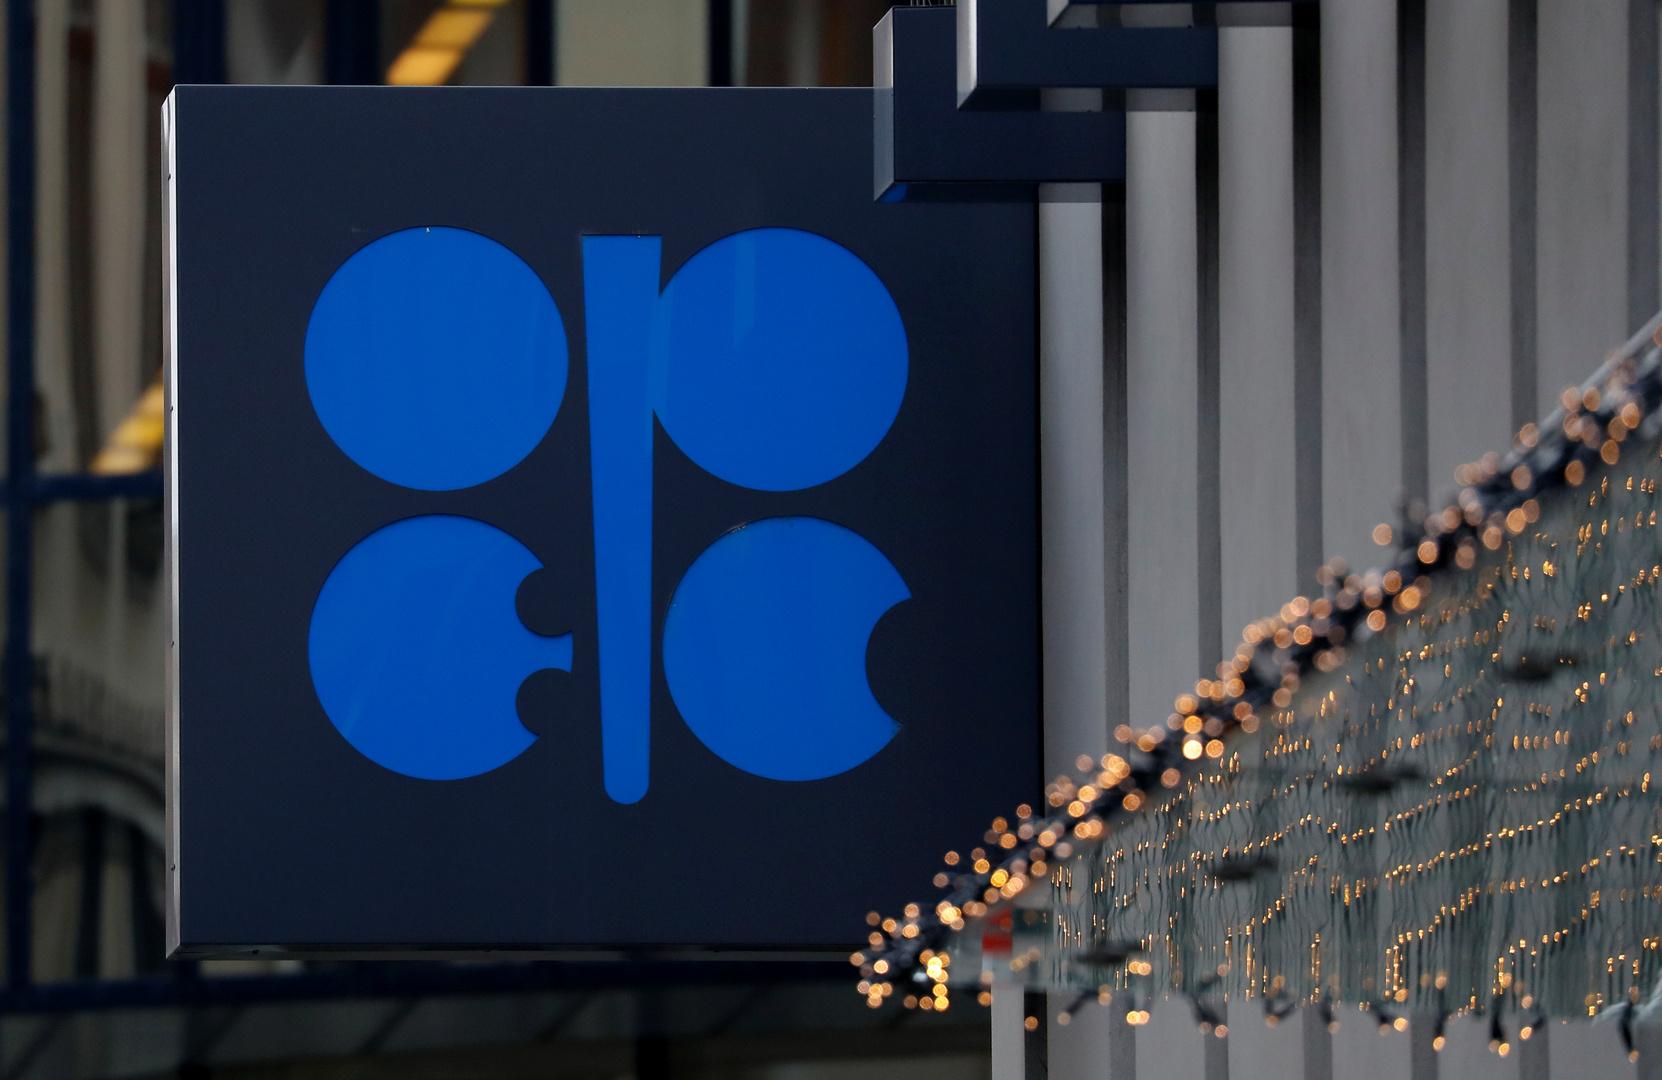 أمين عام أوبك: إنتاج العراق من النفط مستمر والمنشآت آمنة